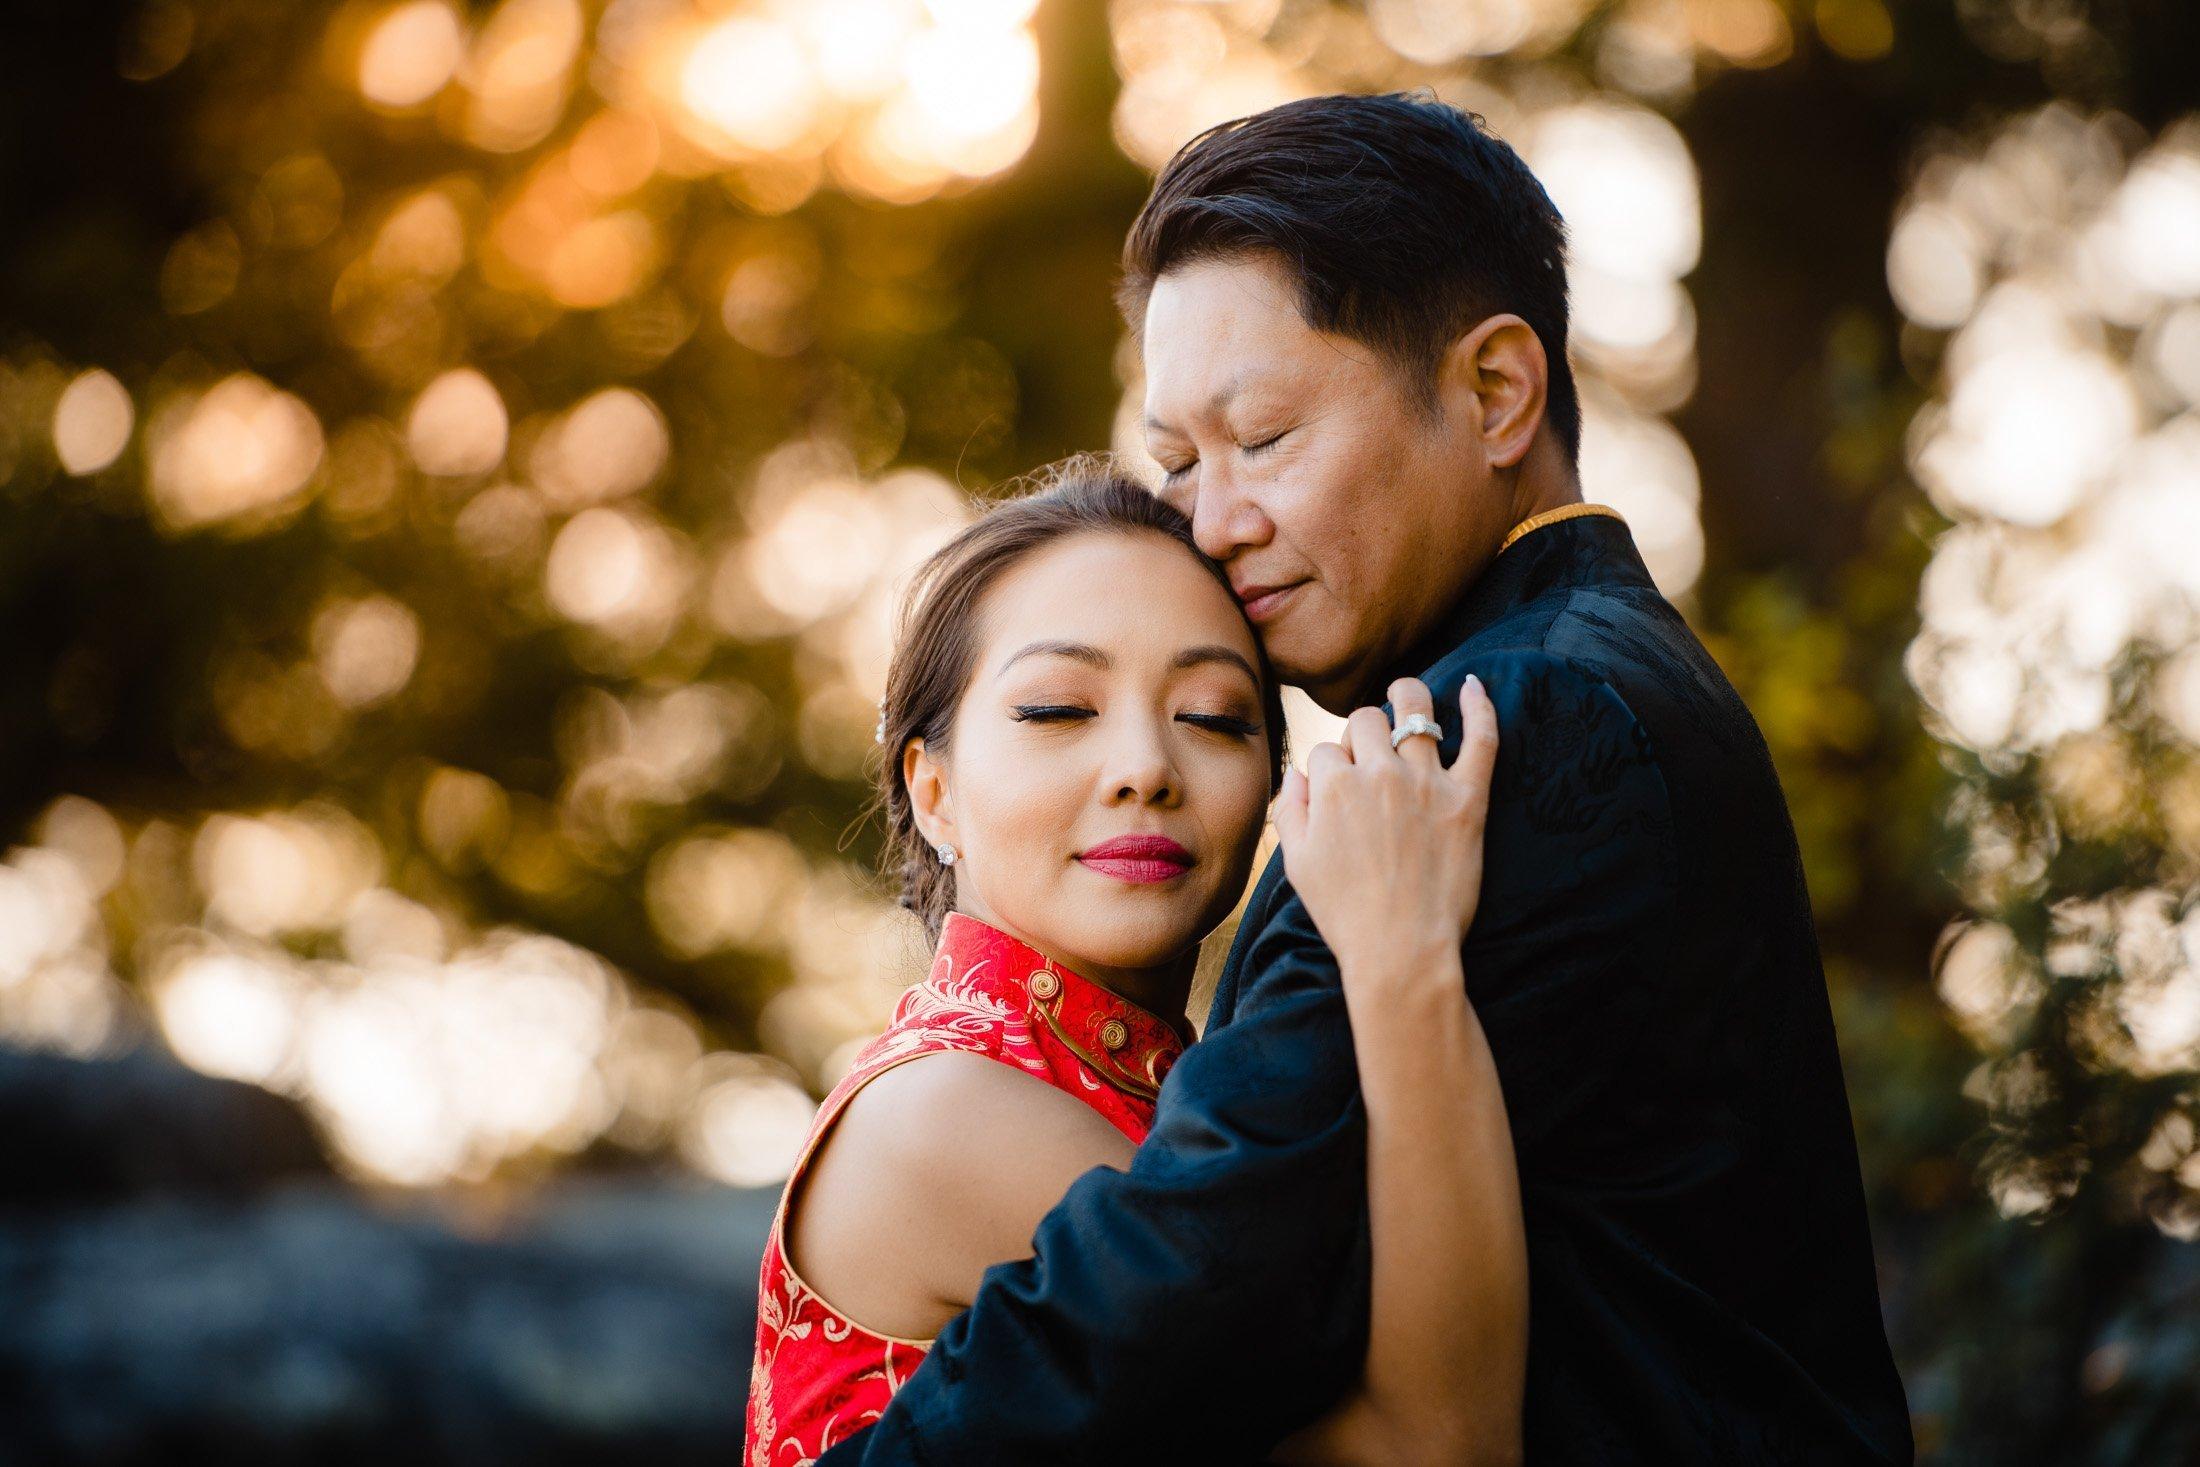 027 - sunny wedding photos vancouver